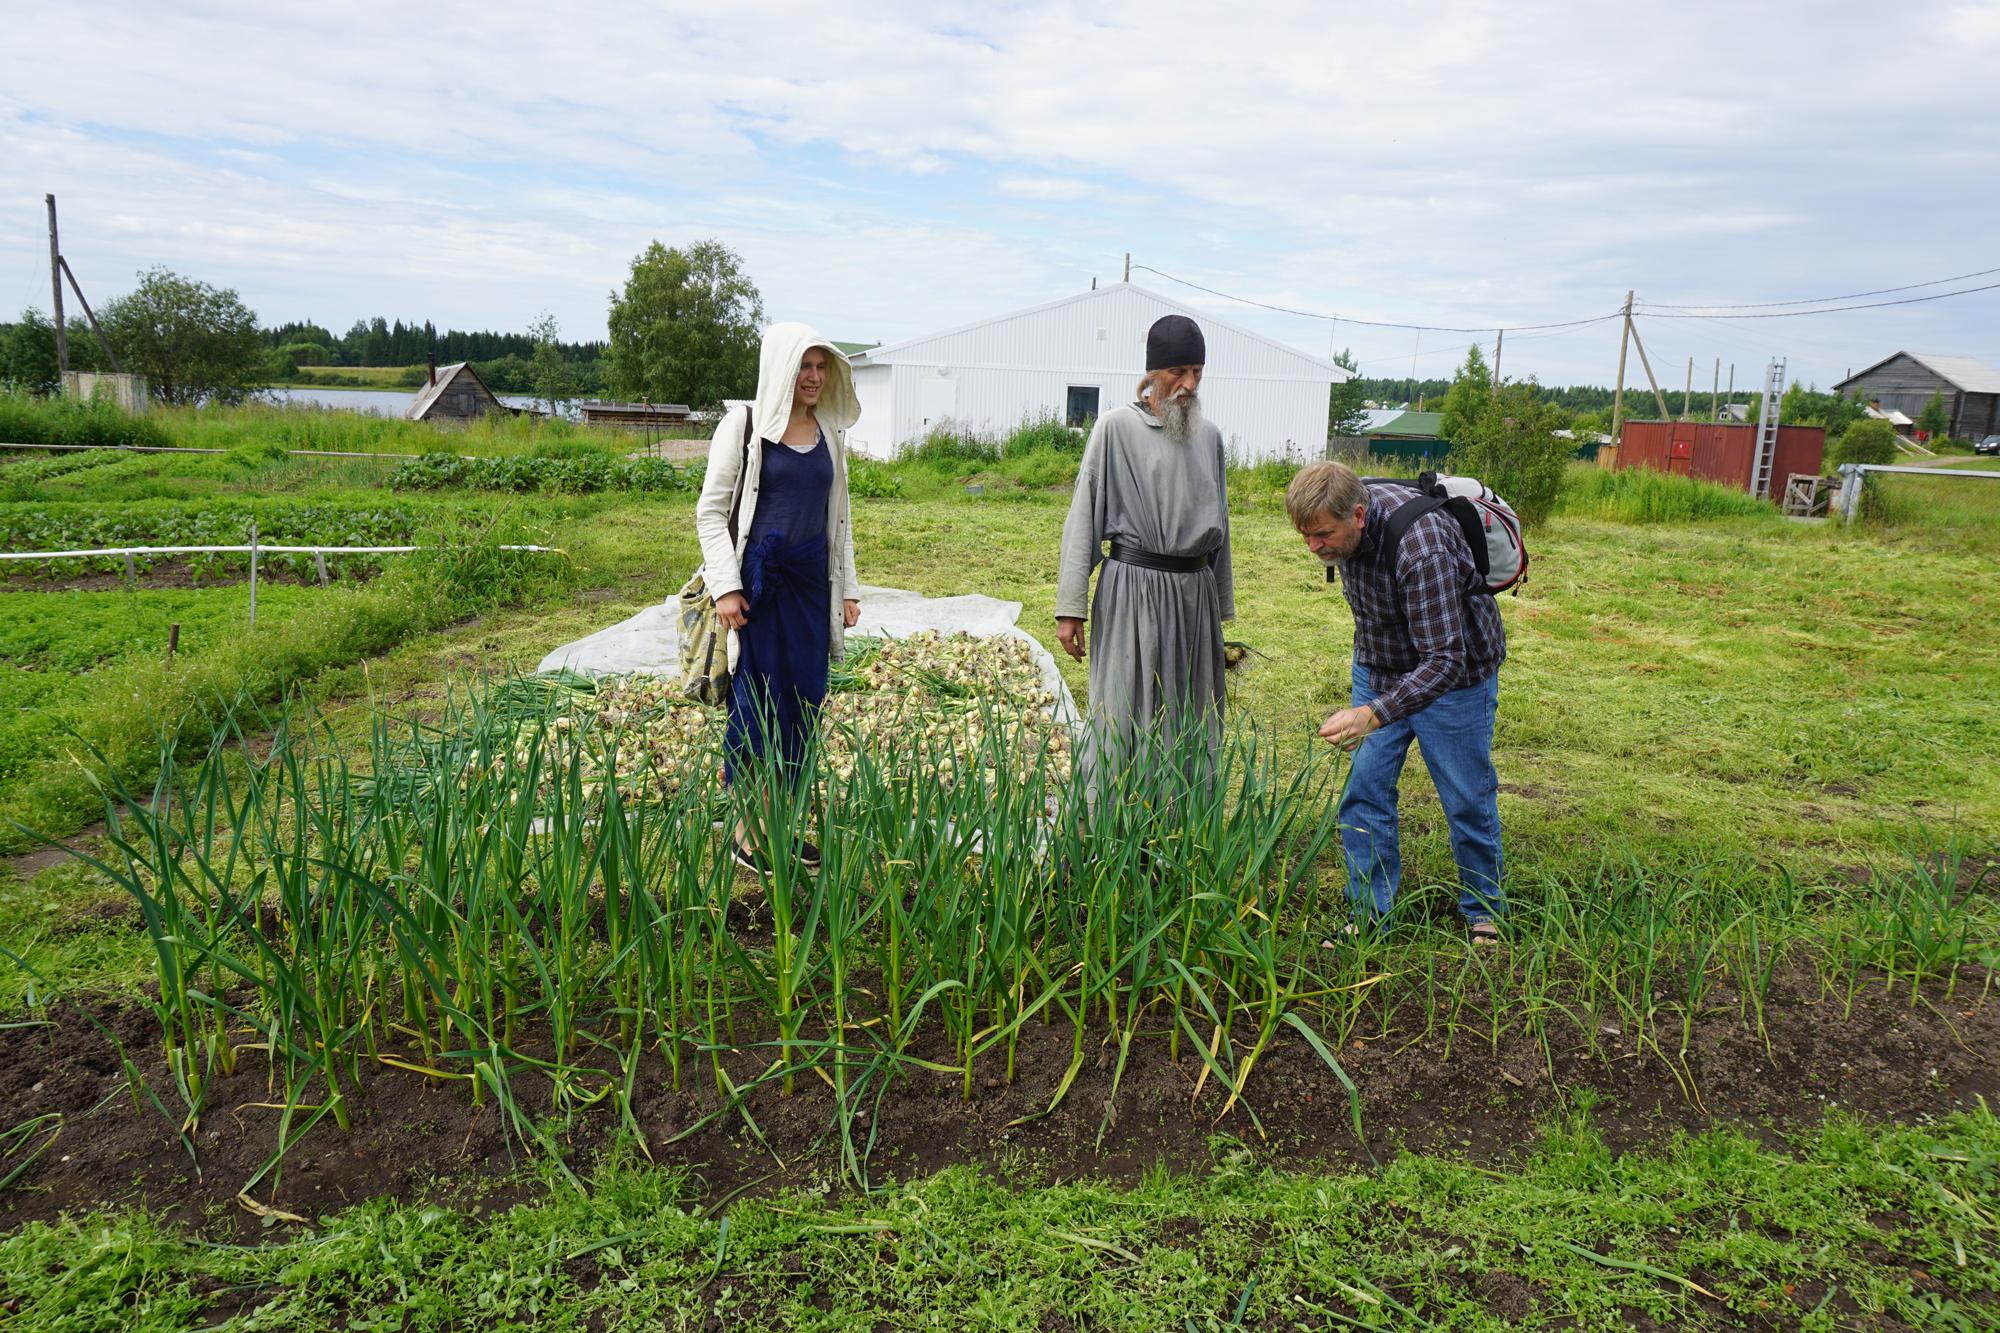 Sommeren 2015 besøkte vi igjen et ortodoks klostermed kjøkkenhage og hvitløk.